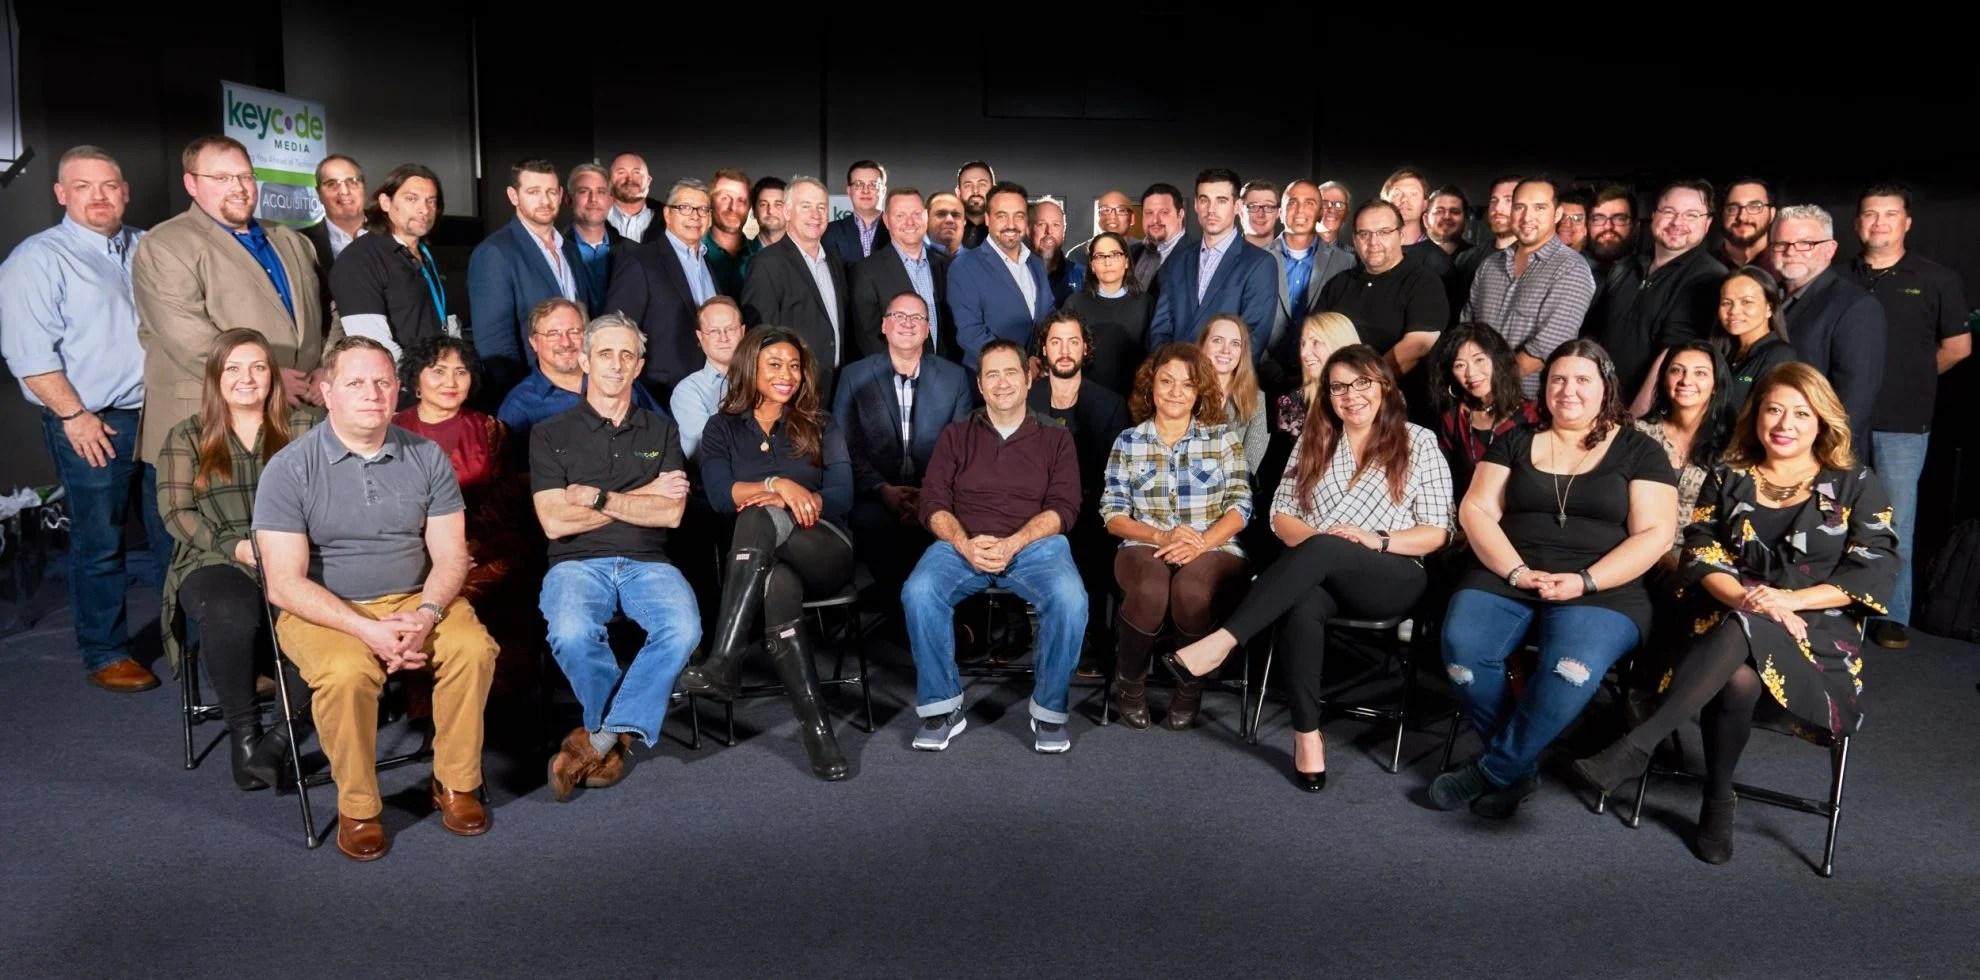 Key Code Media company photo 2018